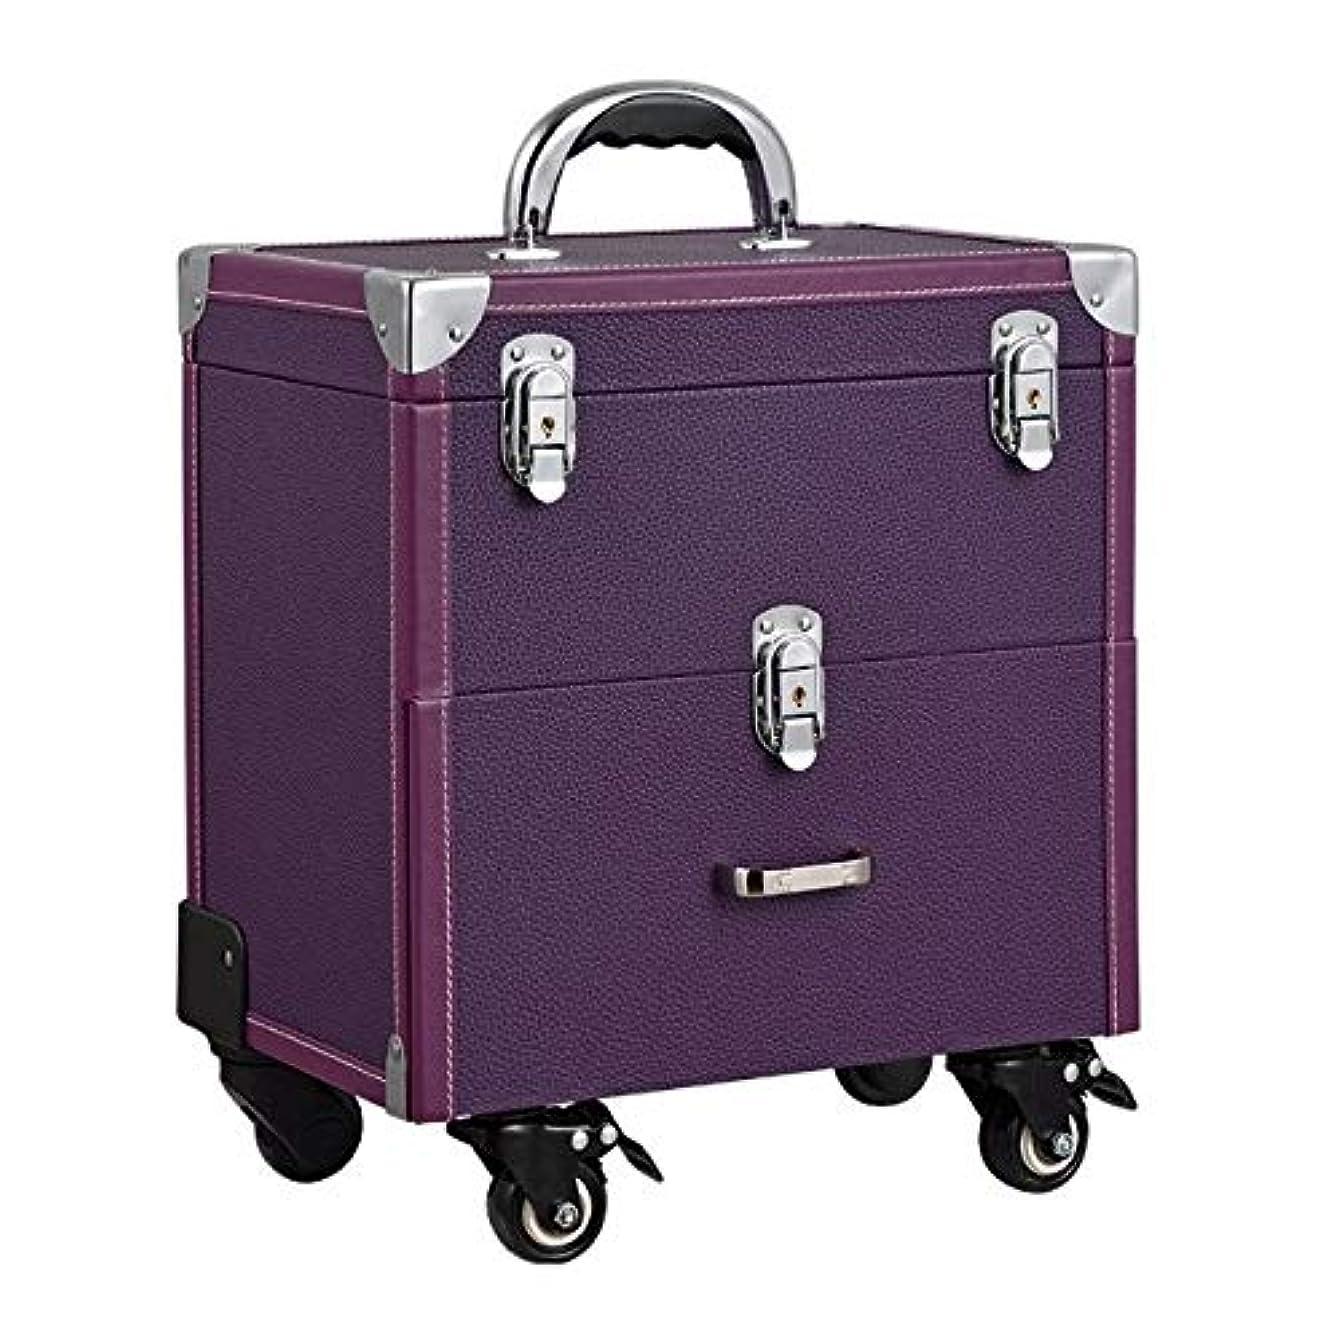 不誠実協力的一元化する化粧箱、大容量ダブルポール化粧品ケース、ポータブル旅行化粧品袋収納袋、美容化粧ネイルジュエリー収納ボックス (Color : Purple)